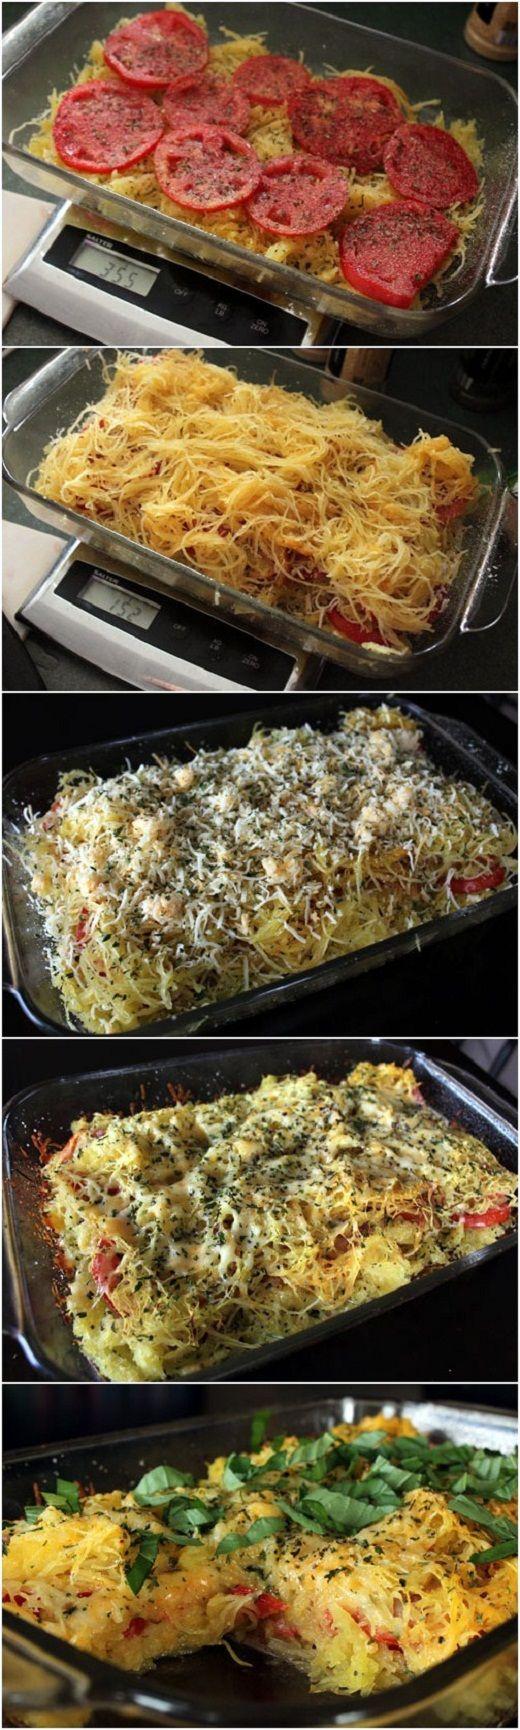 Tomato Basil Spaghetti Squash Bake Recipe : super healthy AND delicious!